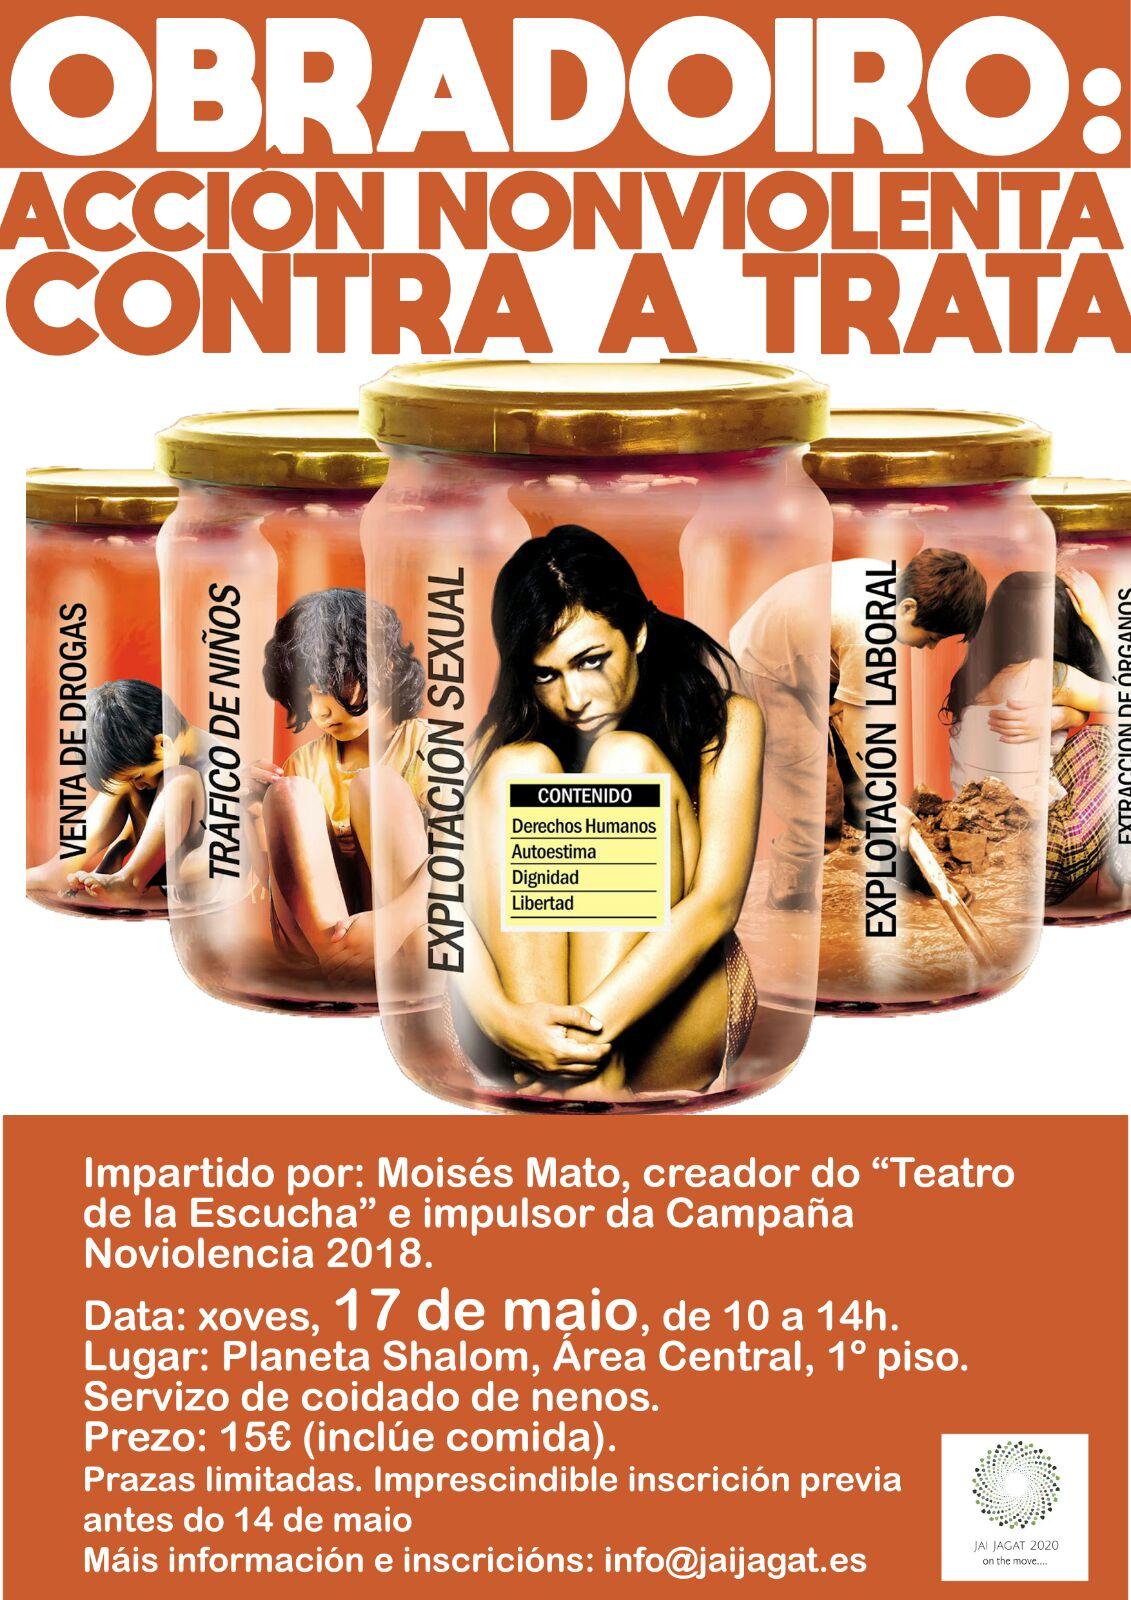 Santiago de Compostela: Acción noviolenta contra la trata